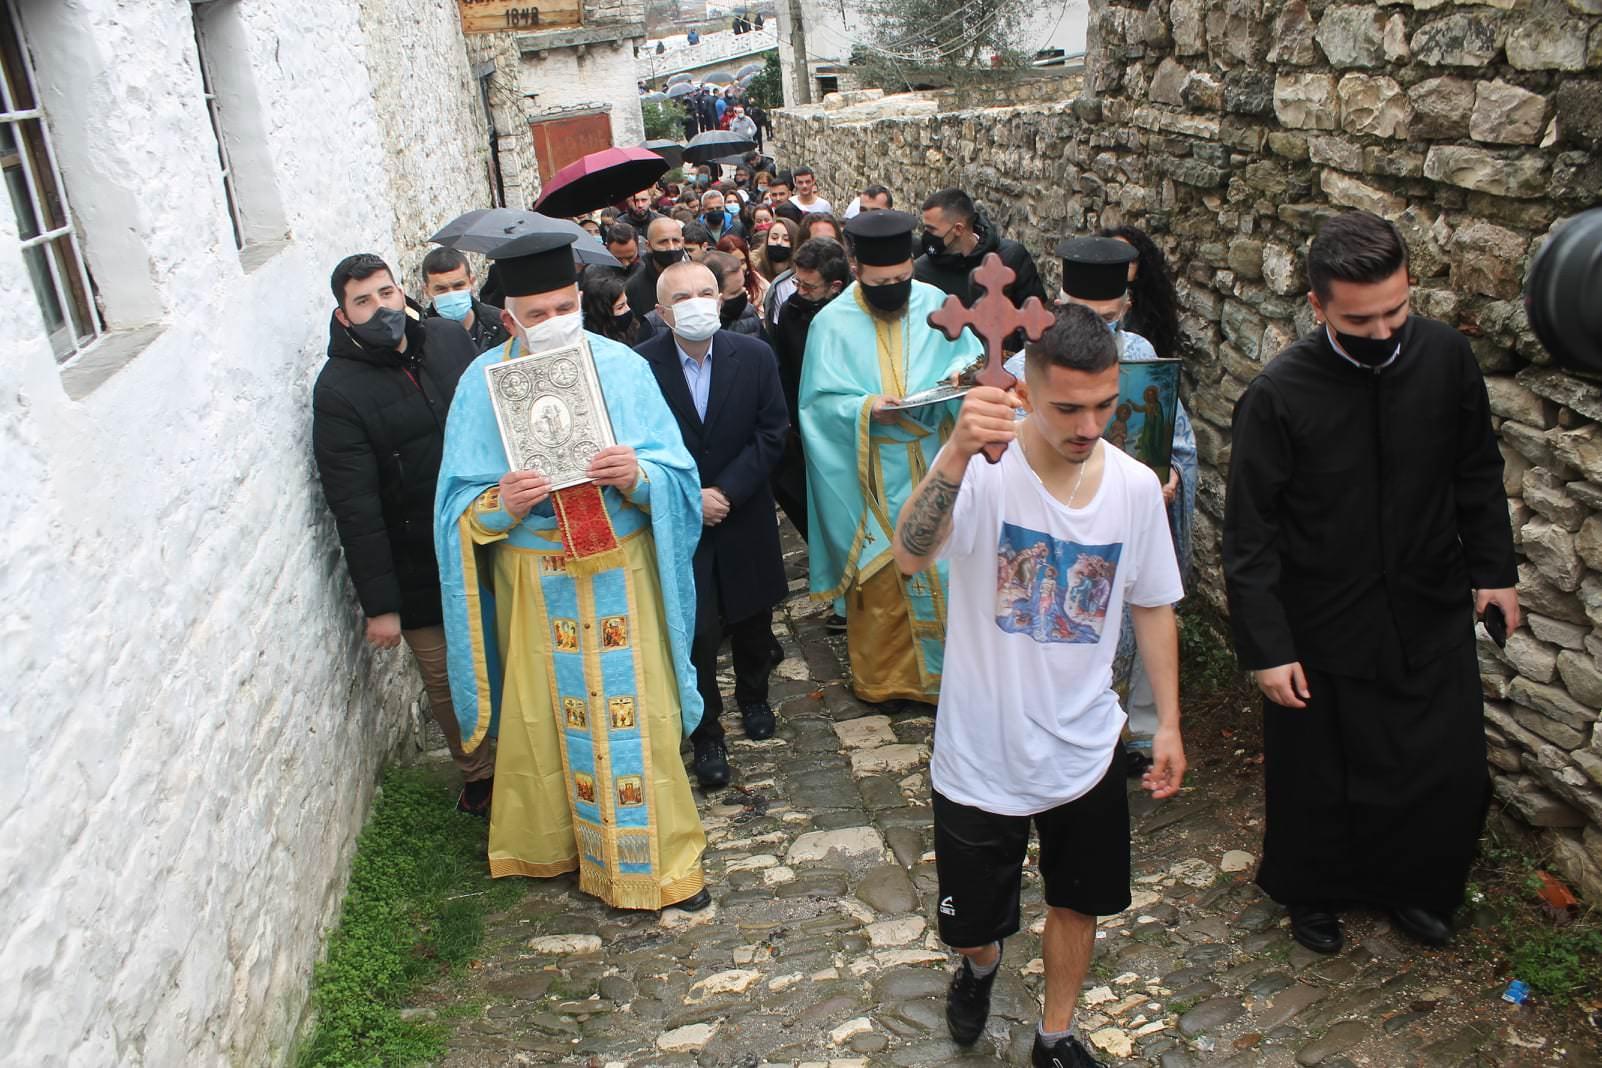 Φώτα 2021 Κατάδυση του Τιμίου Σταυρού στο Μπεράτι Αλβανίας